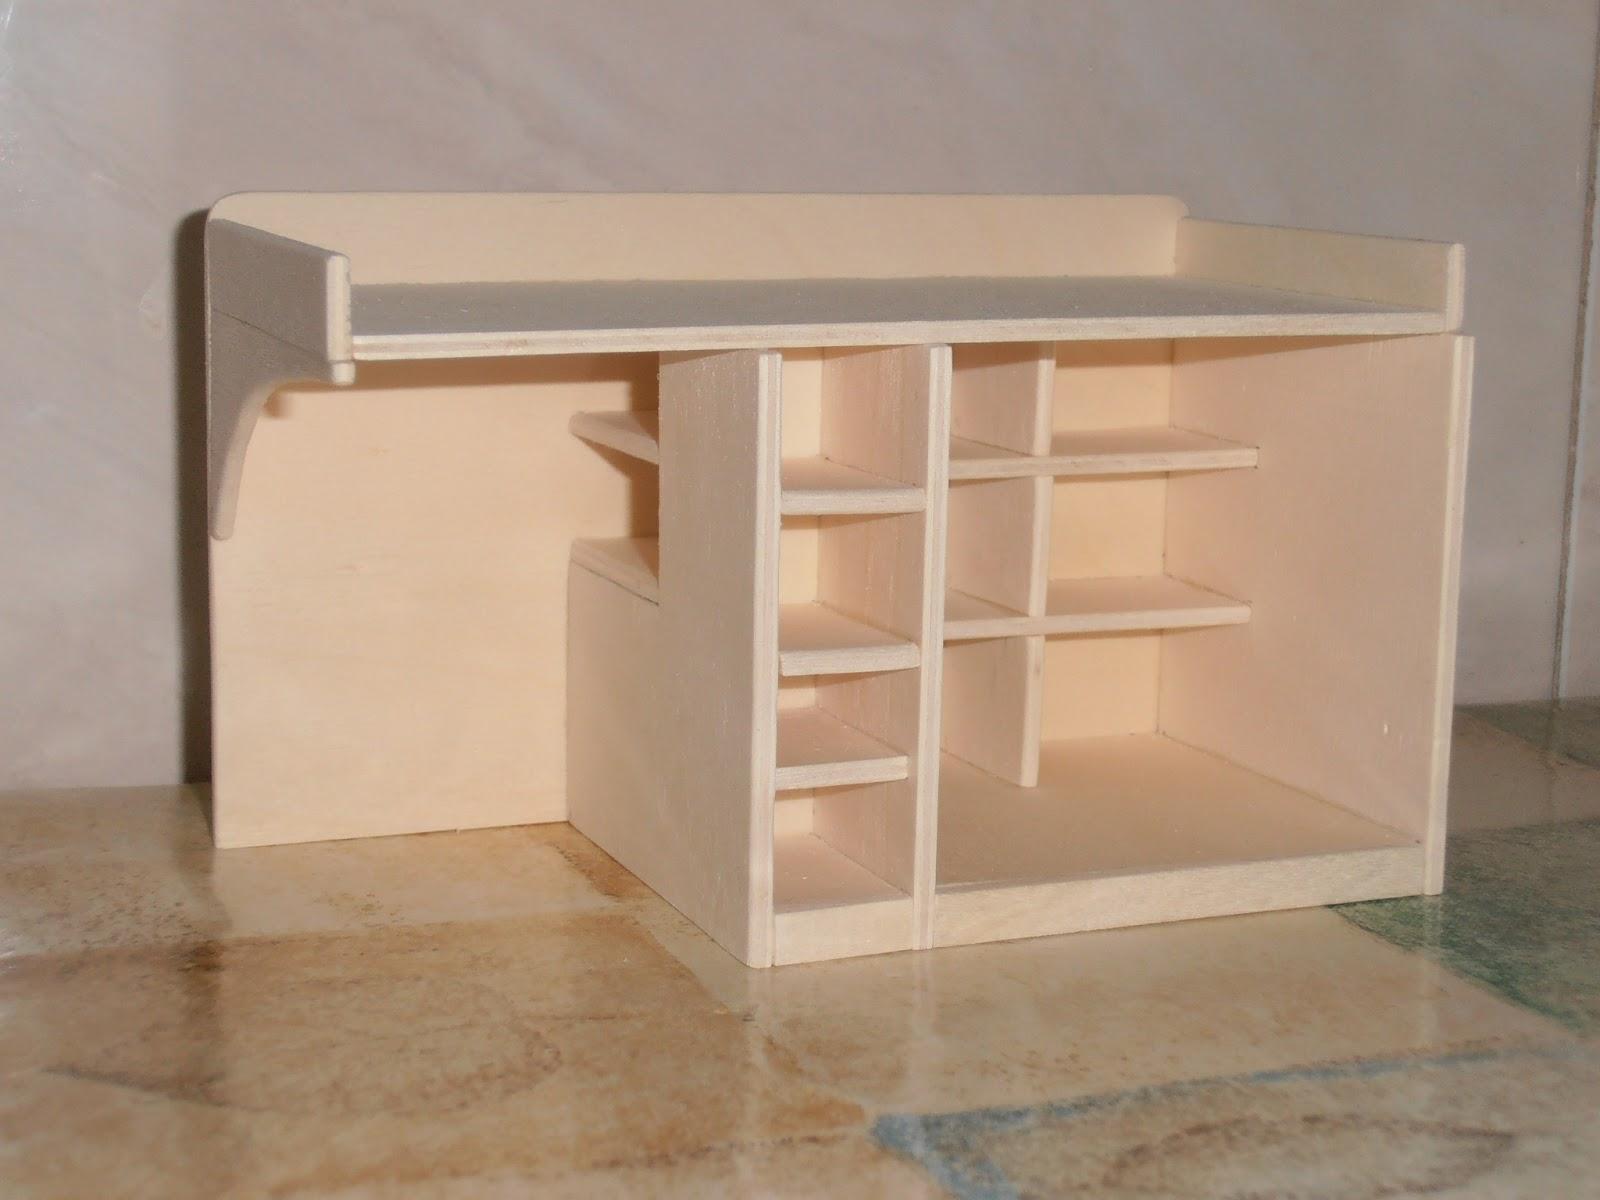 Cositas de casitas mueble infantil i - Camas con armario debajo ...